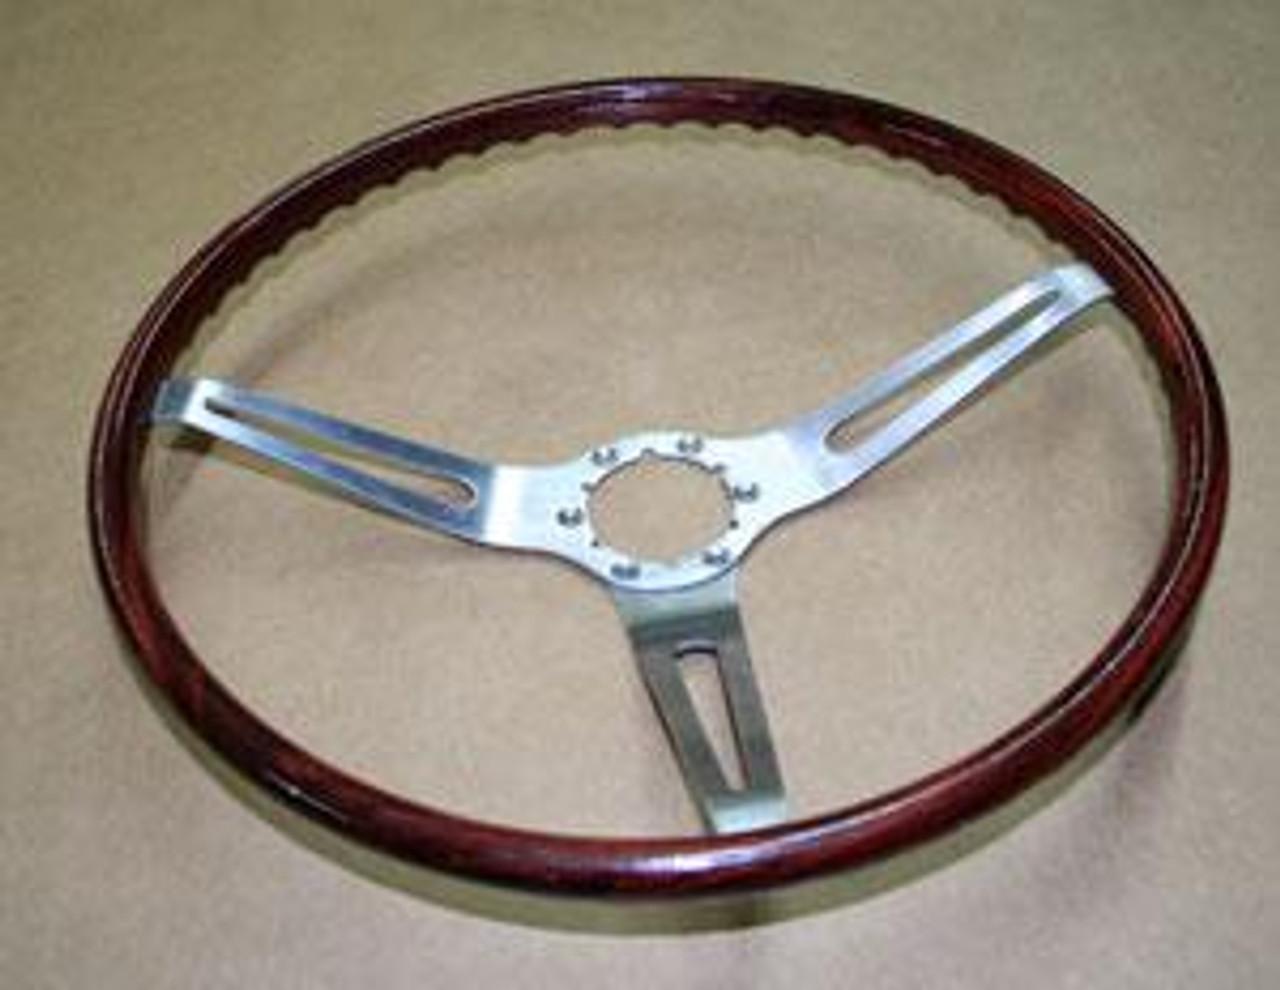 1969 Rosewood Steering Wheel (wheel only)